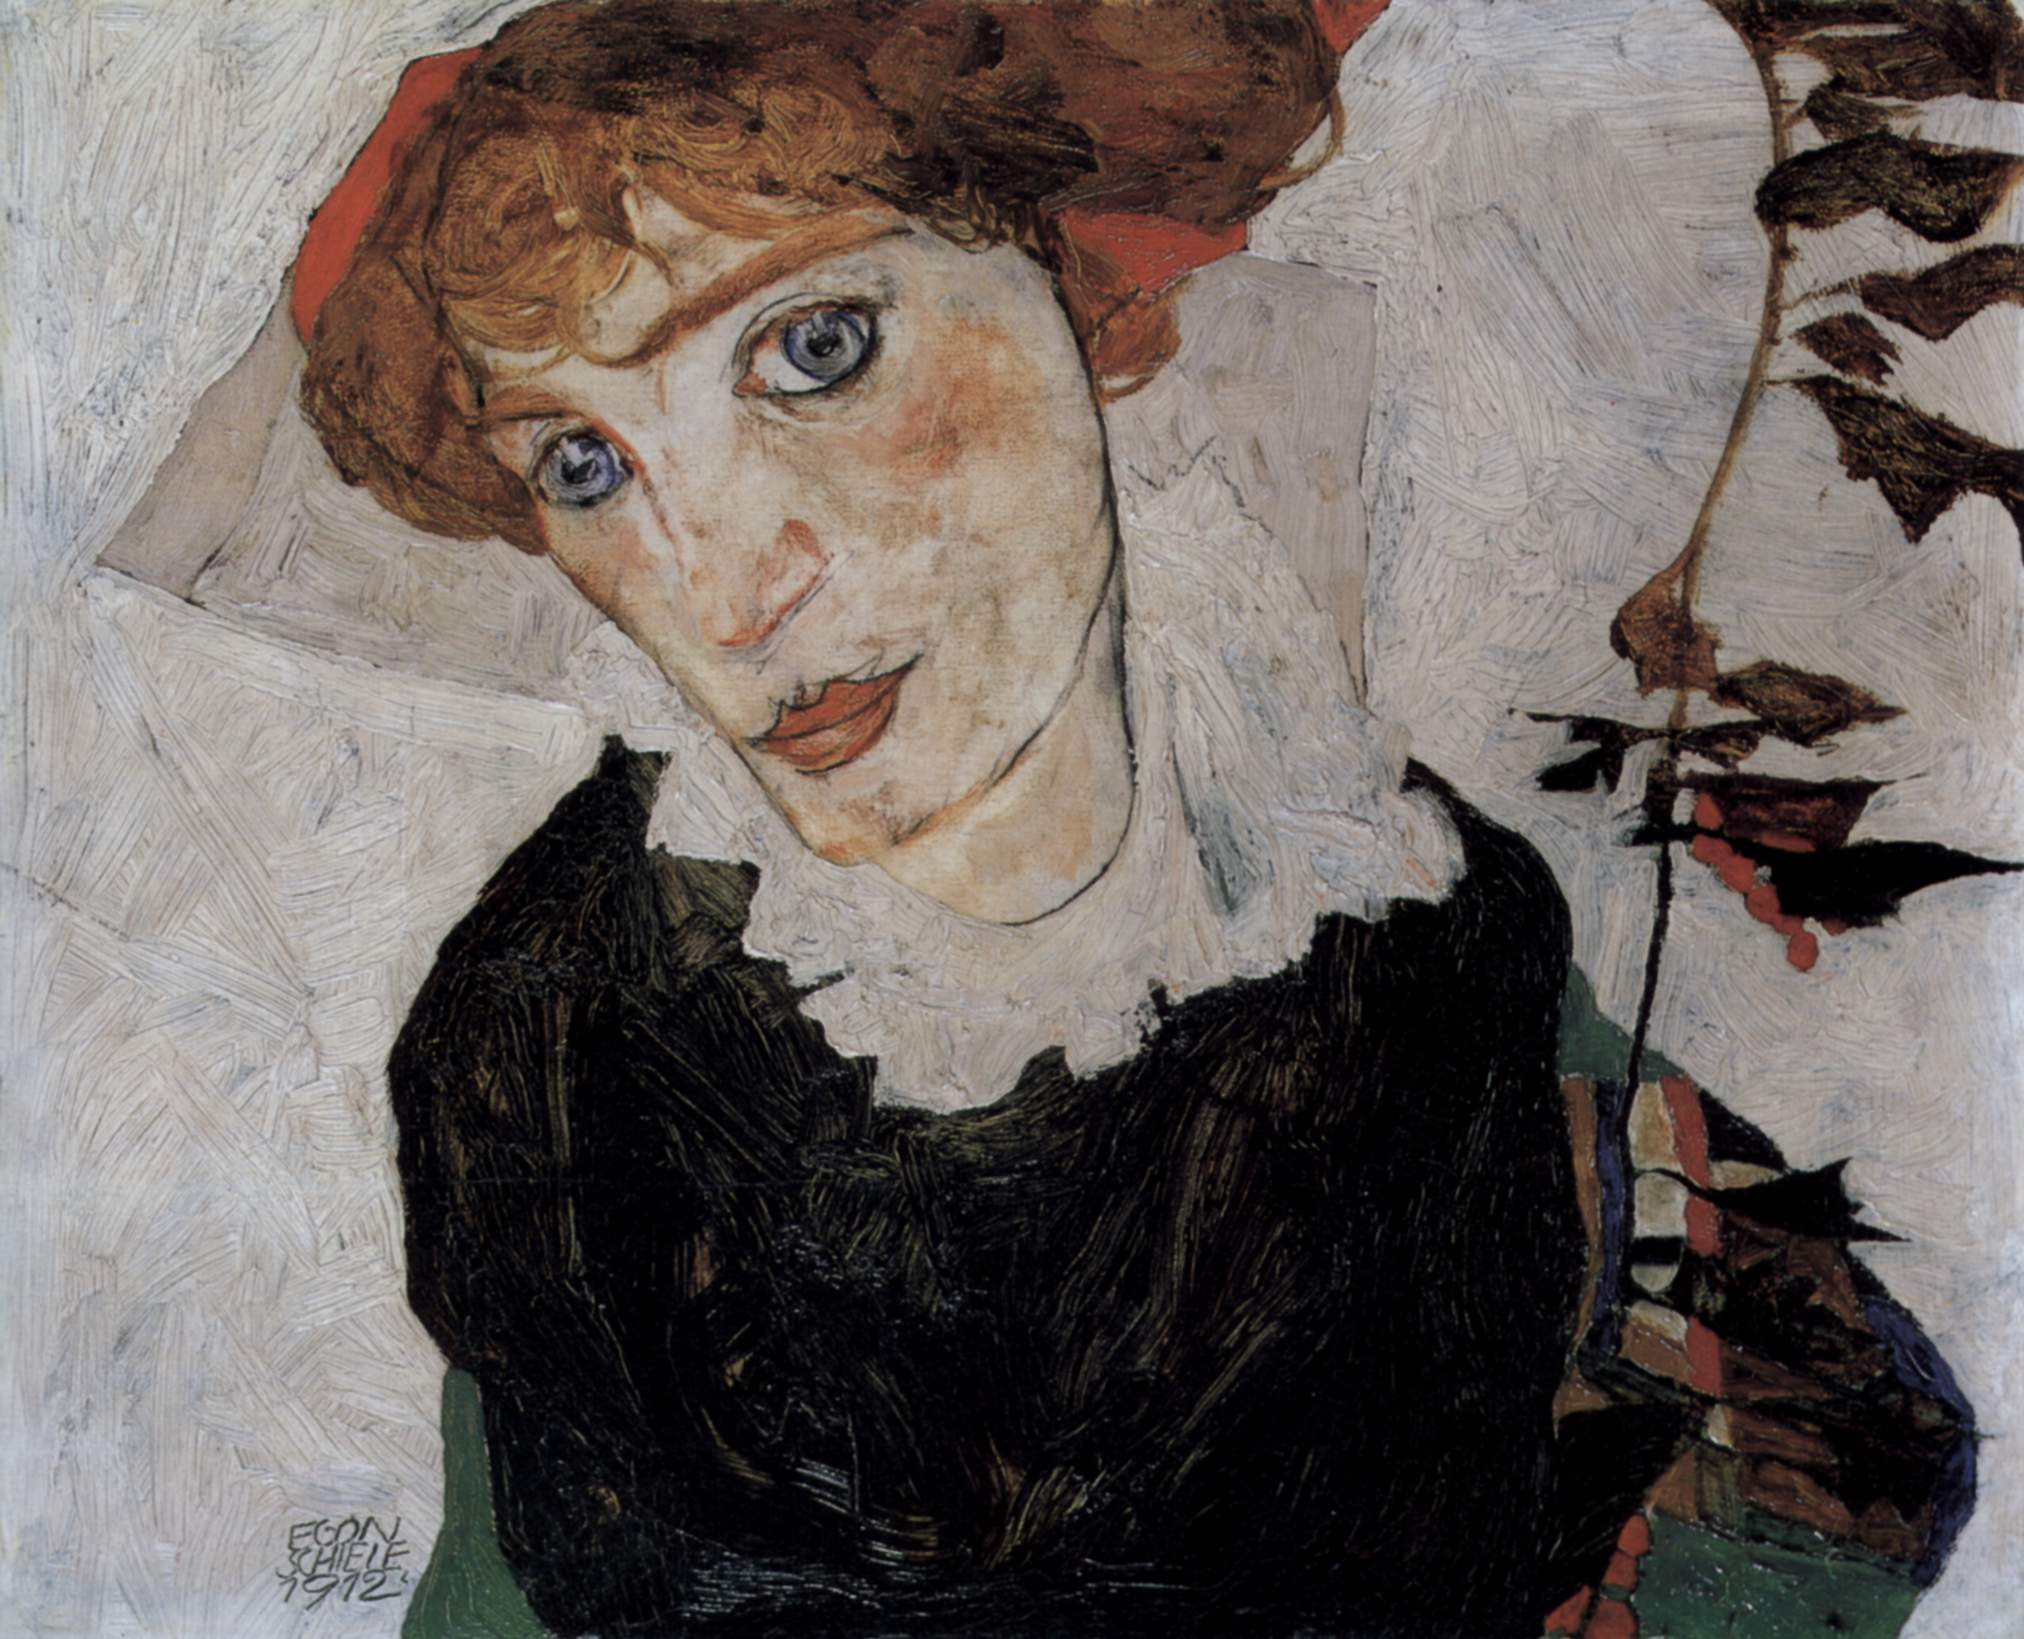 Egon Schiele, (1890 - 1918) Egon_Schiele_069